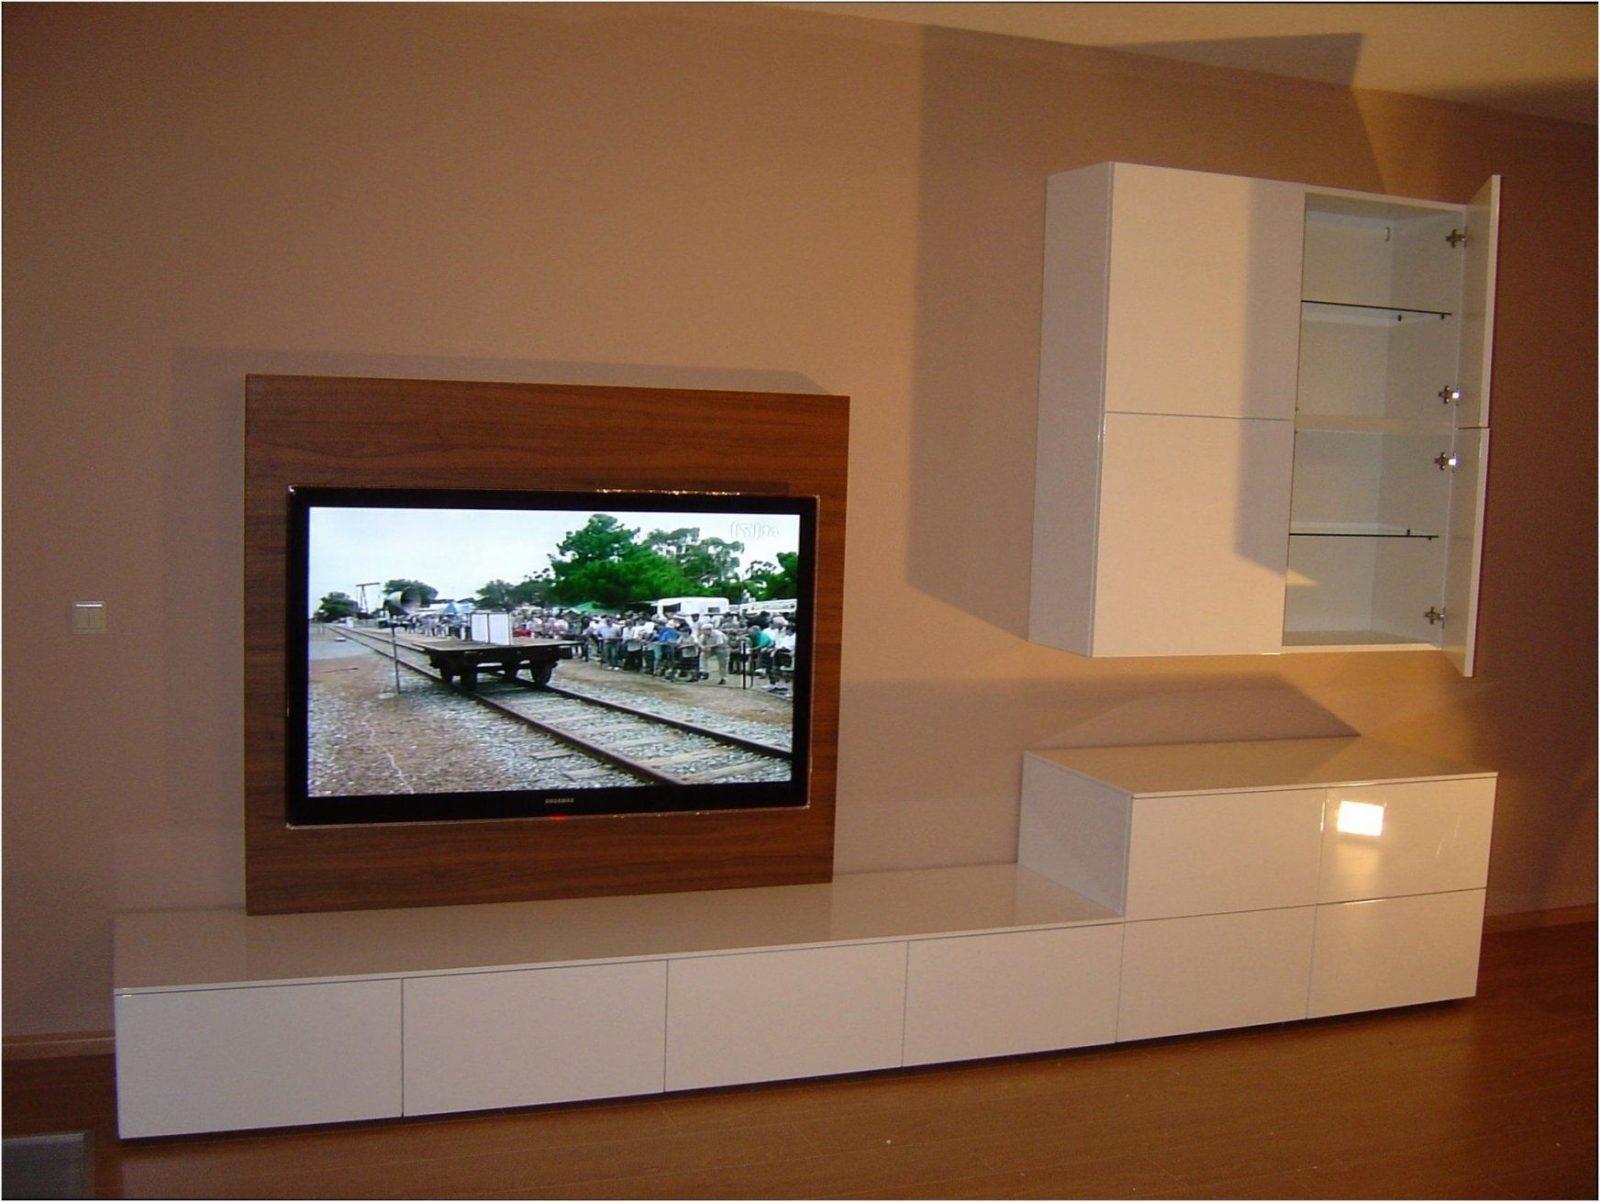 Tv wand selber bauen ideen und auch genial mobel akzent tgdarkly von tv wand selber bauen ideen - Tv wand selber bauen anleitung ...